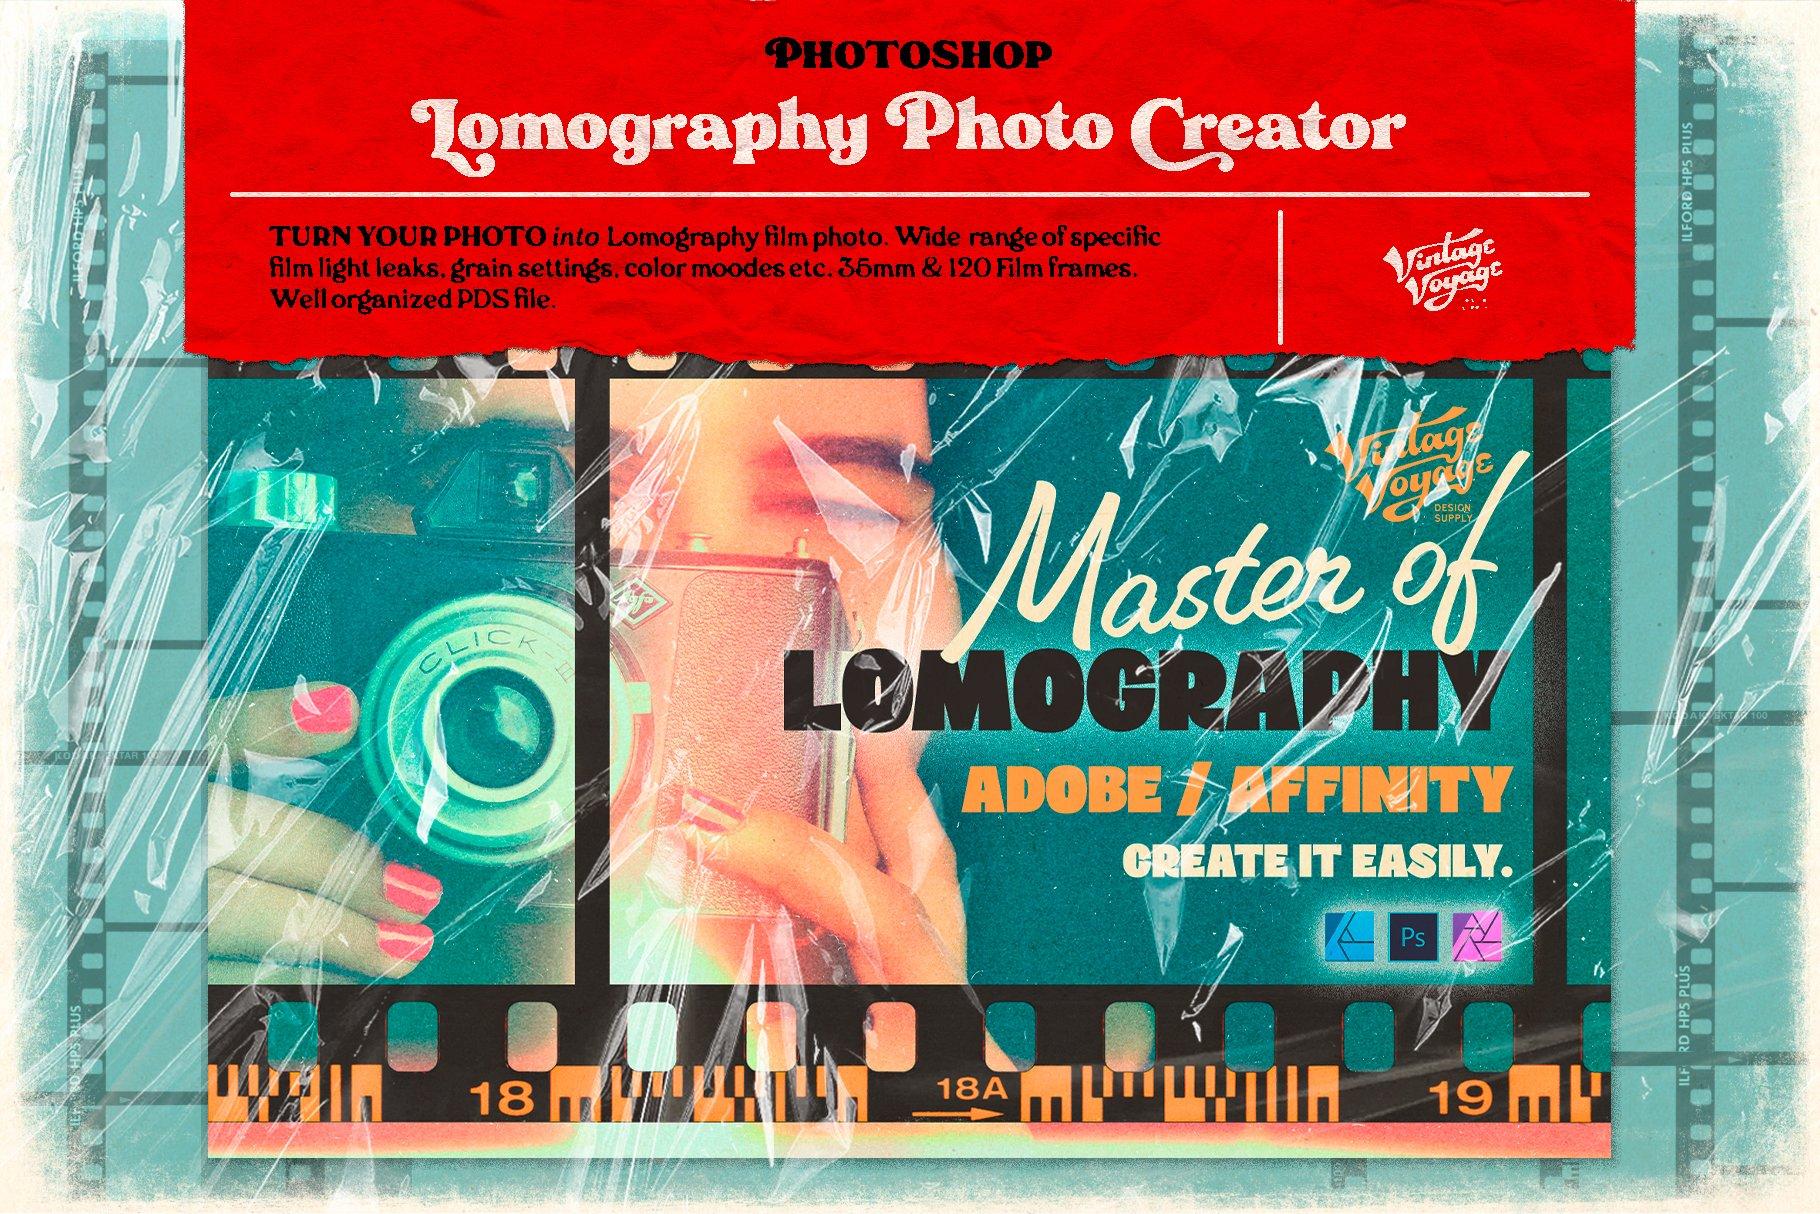 7款潮流素描水彩半调胶片艺术海报效果照片处理特效PS素材套装 Photoshop Creator's Bundle • 7 in 1插图11